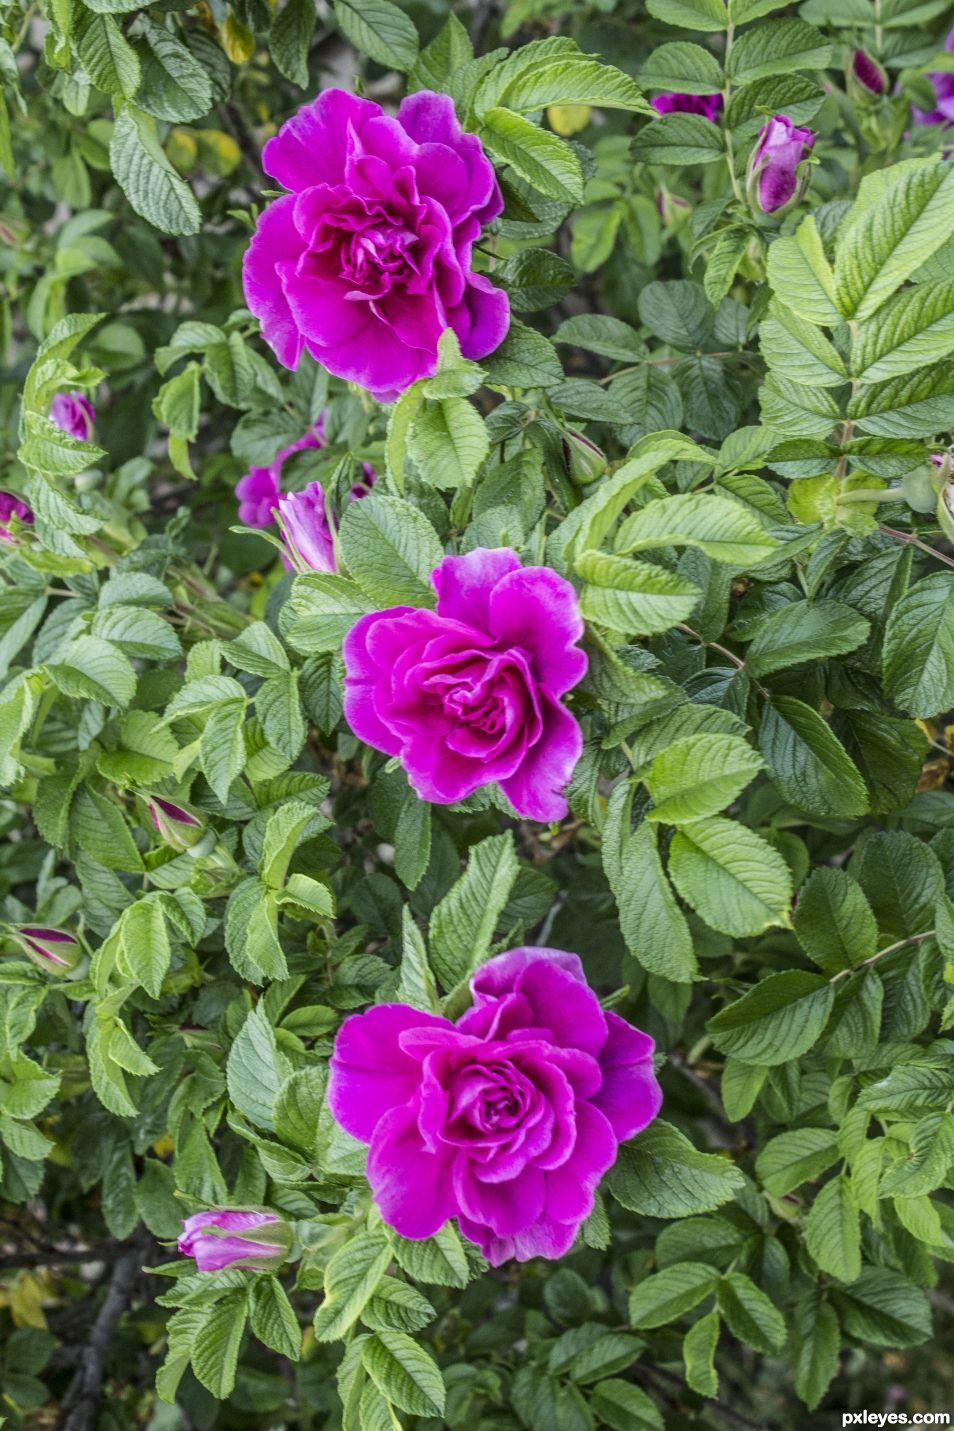 3 pink roses June 2016